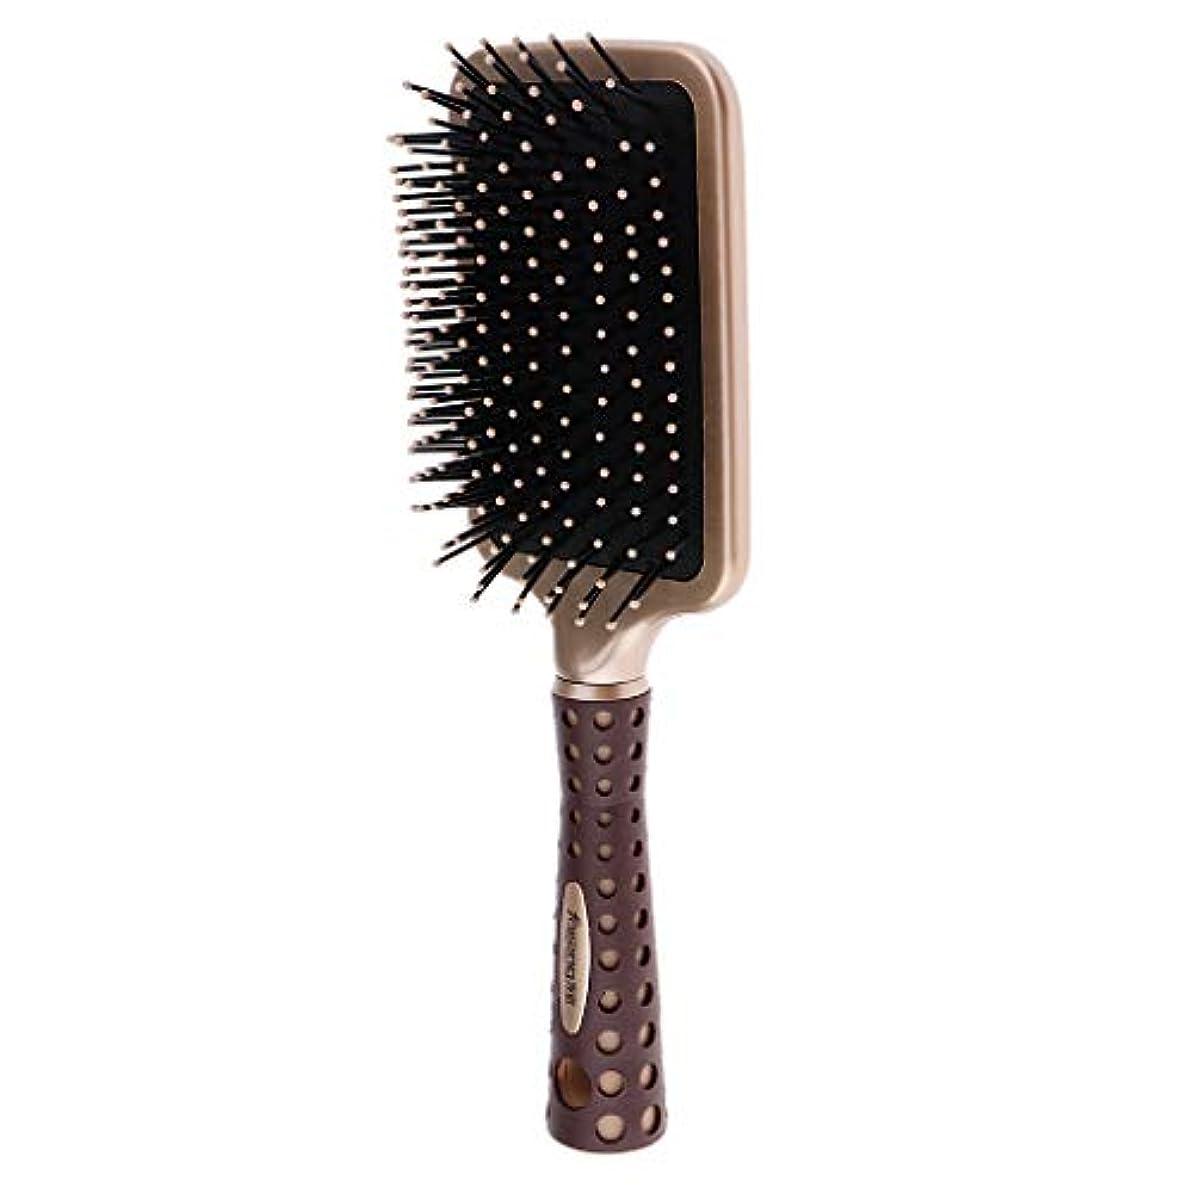 皮宣伝調整静電防止櫛 クッションヘアブラシ 頭皮マッサージ コーム 2サイズ選べ - L